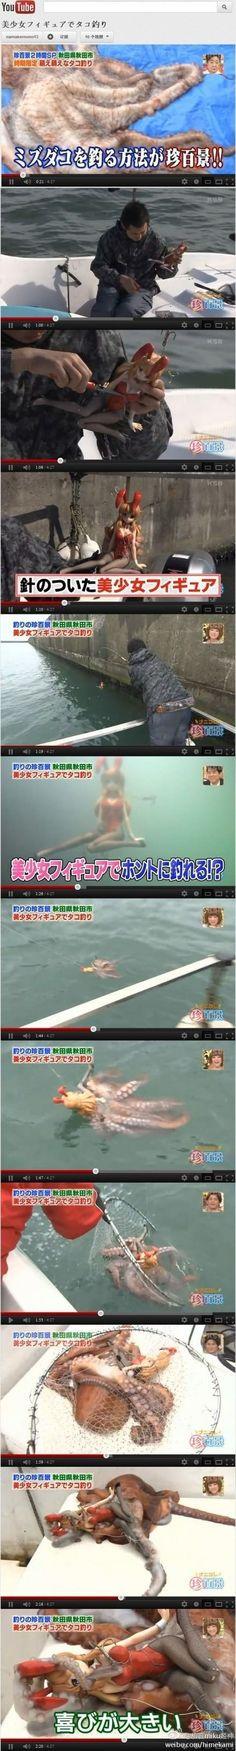 Mientras tanto en Japón la prueba definitiva de que ver suficiente hentai sí deja algo en la vida.